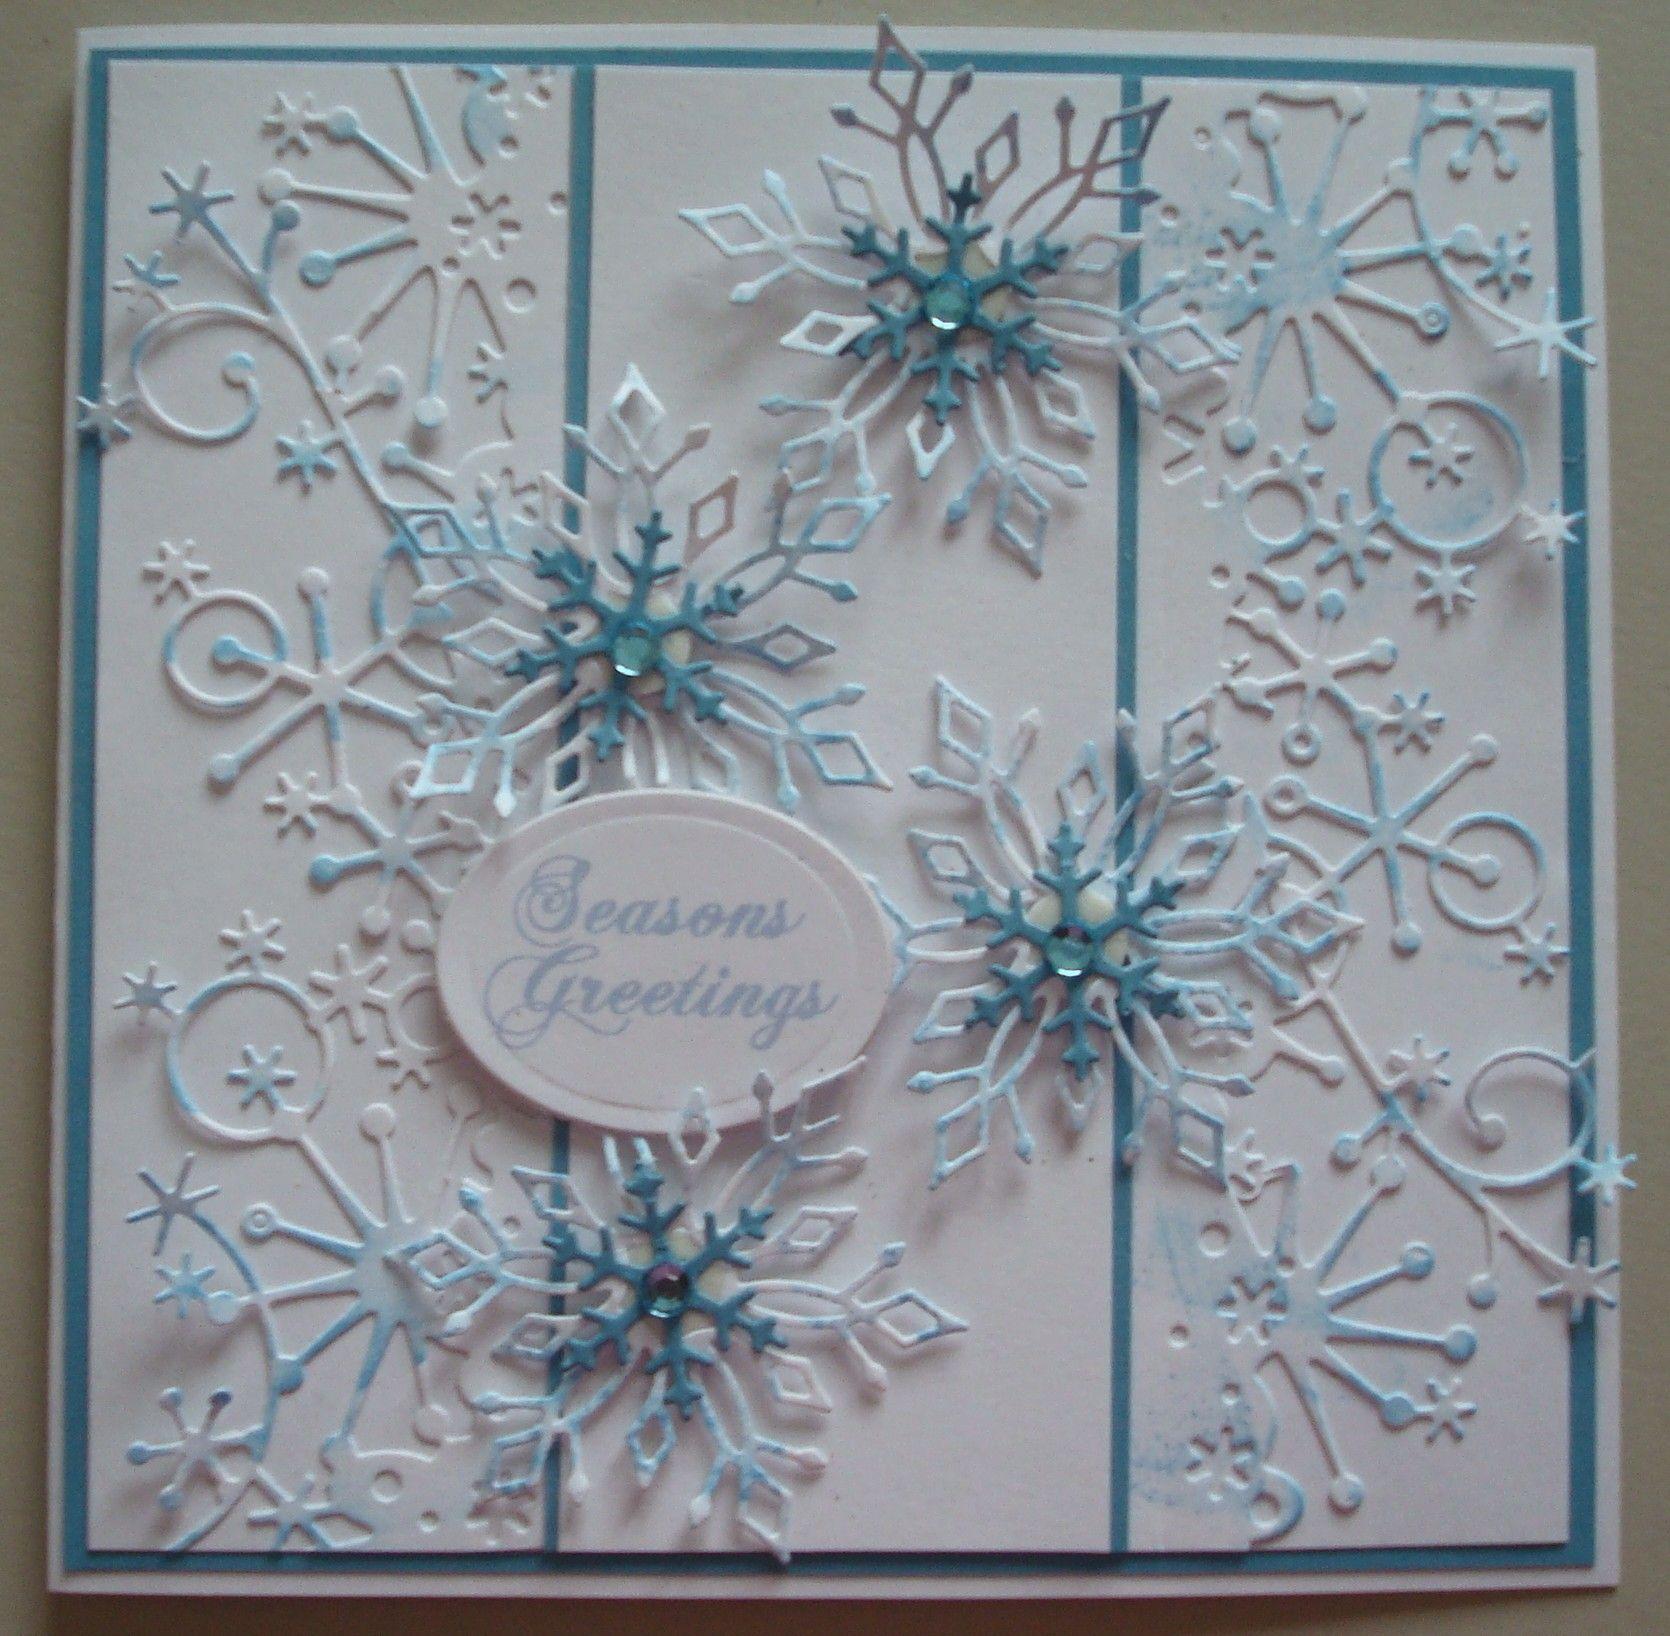 First Edition Stanzschablonen Weihnachten Snowflakes